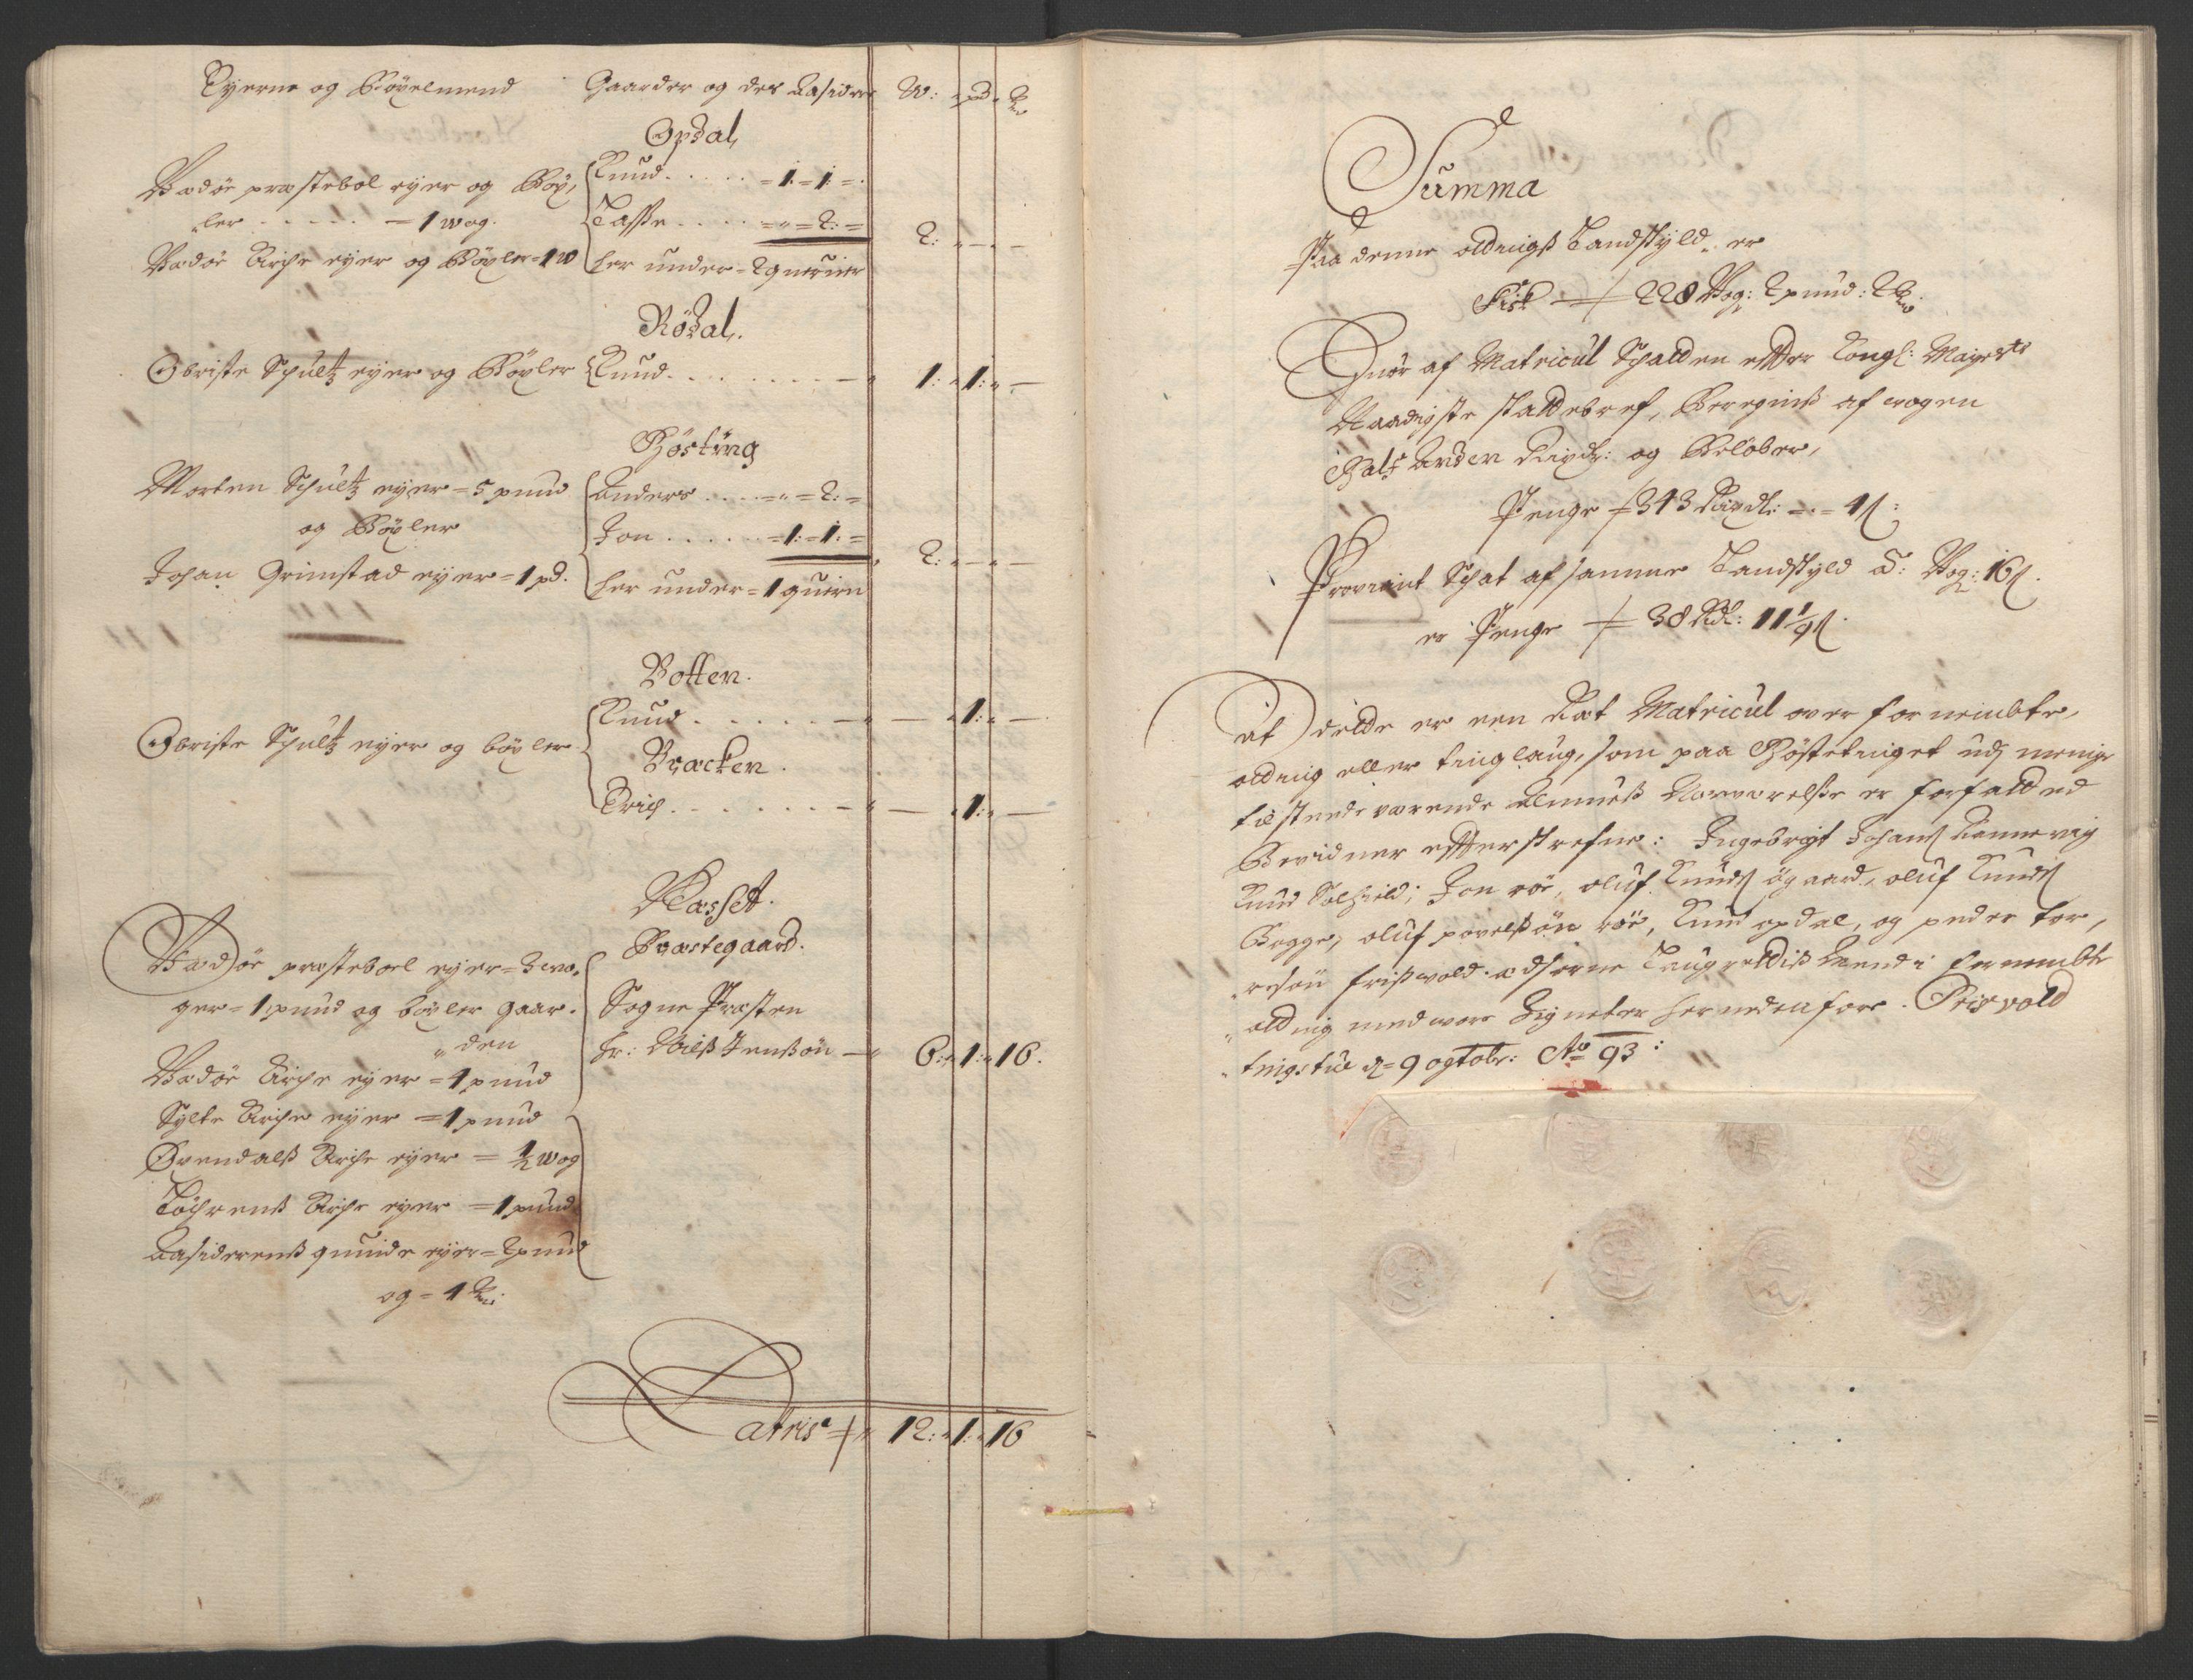 RA, Rentekammeret inntil 1814, Reviderte regnskaper, Fogderegnskap, R55/L3651: Fogderegnskap Romsdal, 1693-1694, s. 26